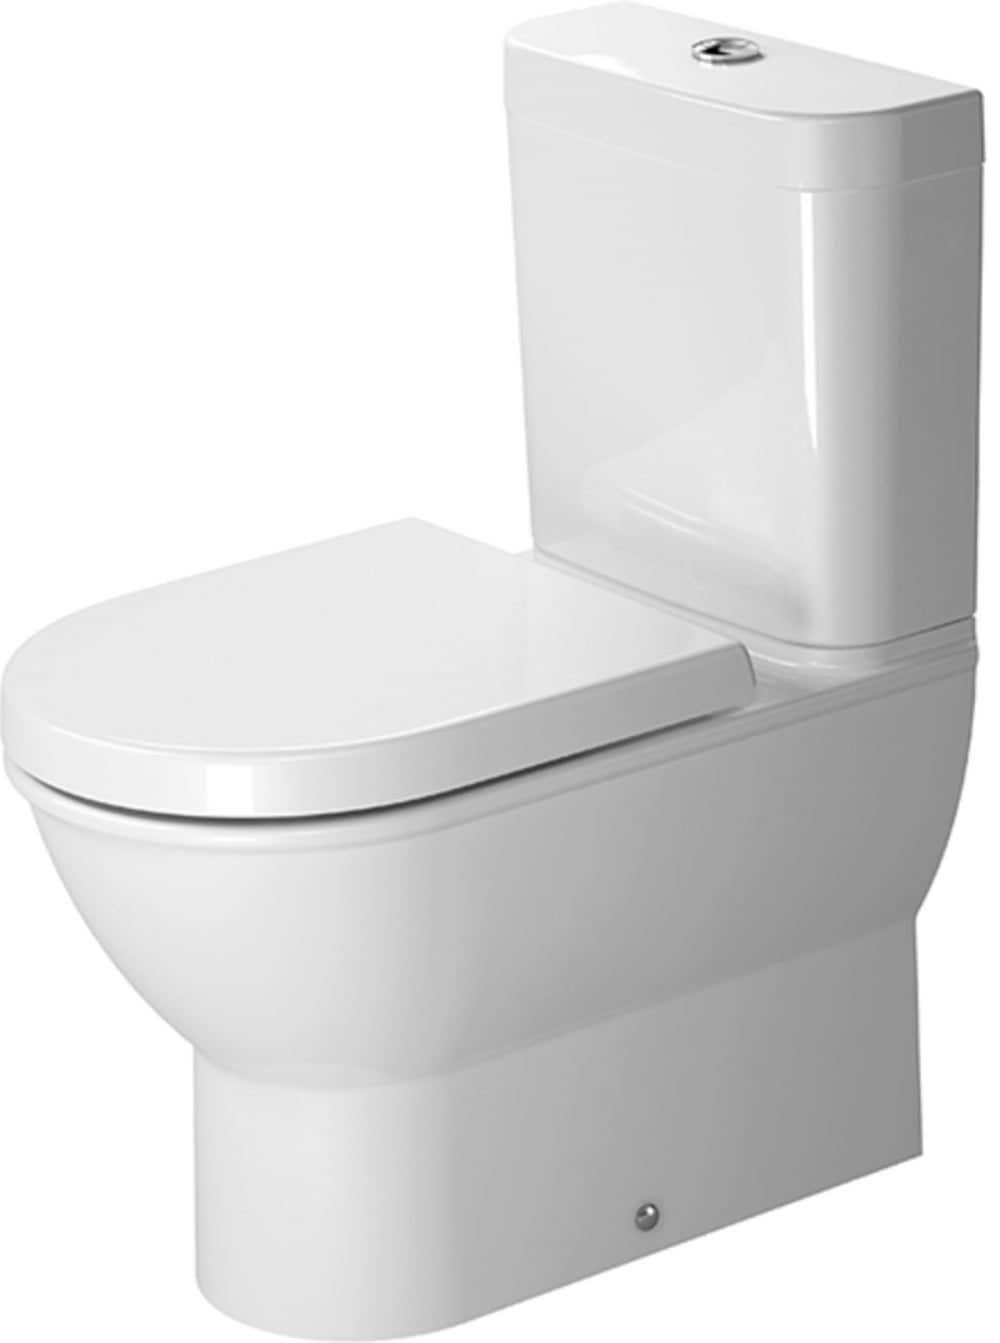 Stand-WCs Duravit Tiefspül-WC-Kombination Darling New